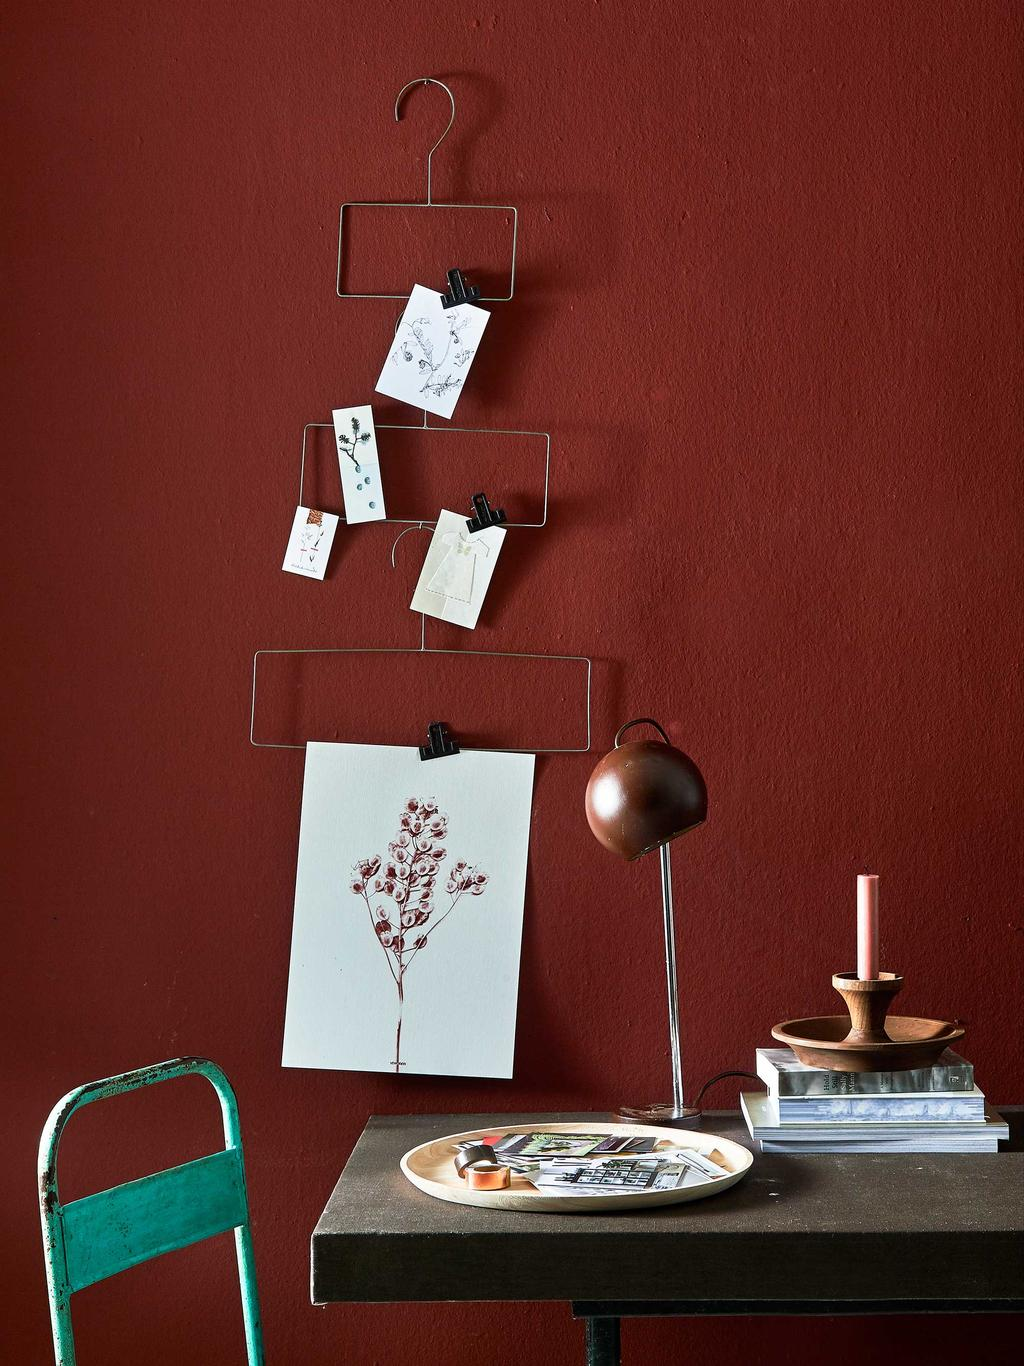 vtwonen collectie voor de feestdagen - Metalen kerstboomhangers - vtwonen